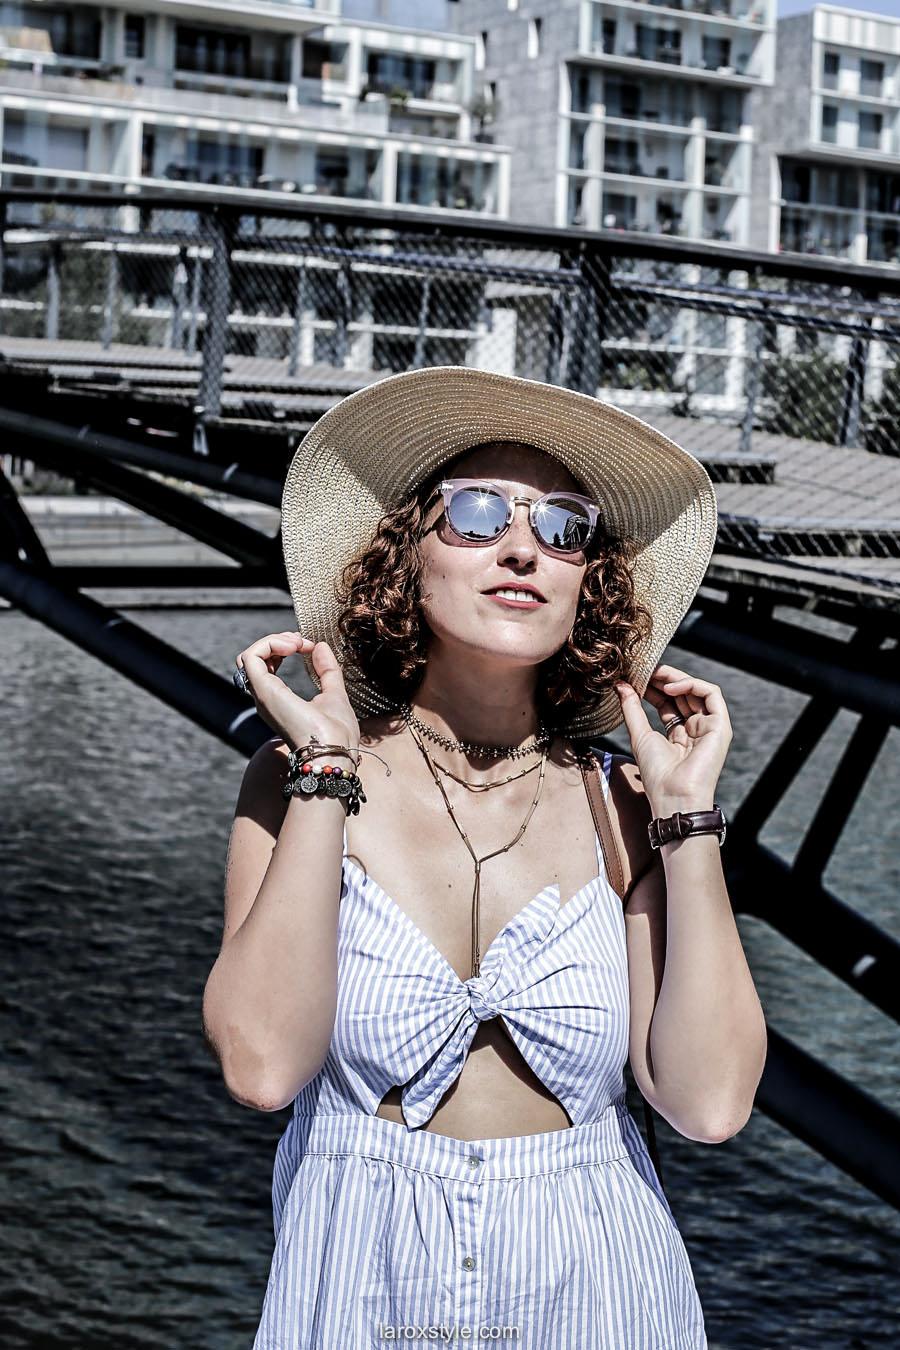 vacances en ville - look robe bleue - blog mode lyon